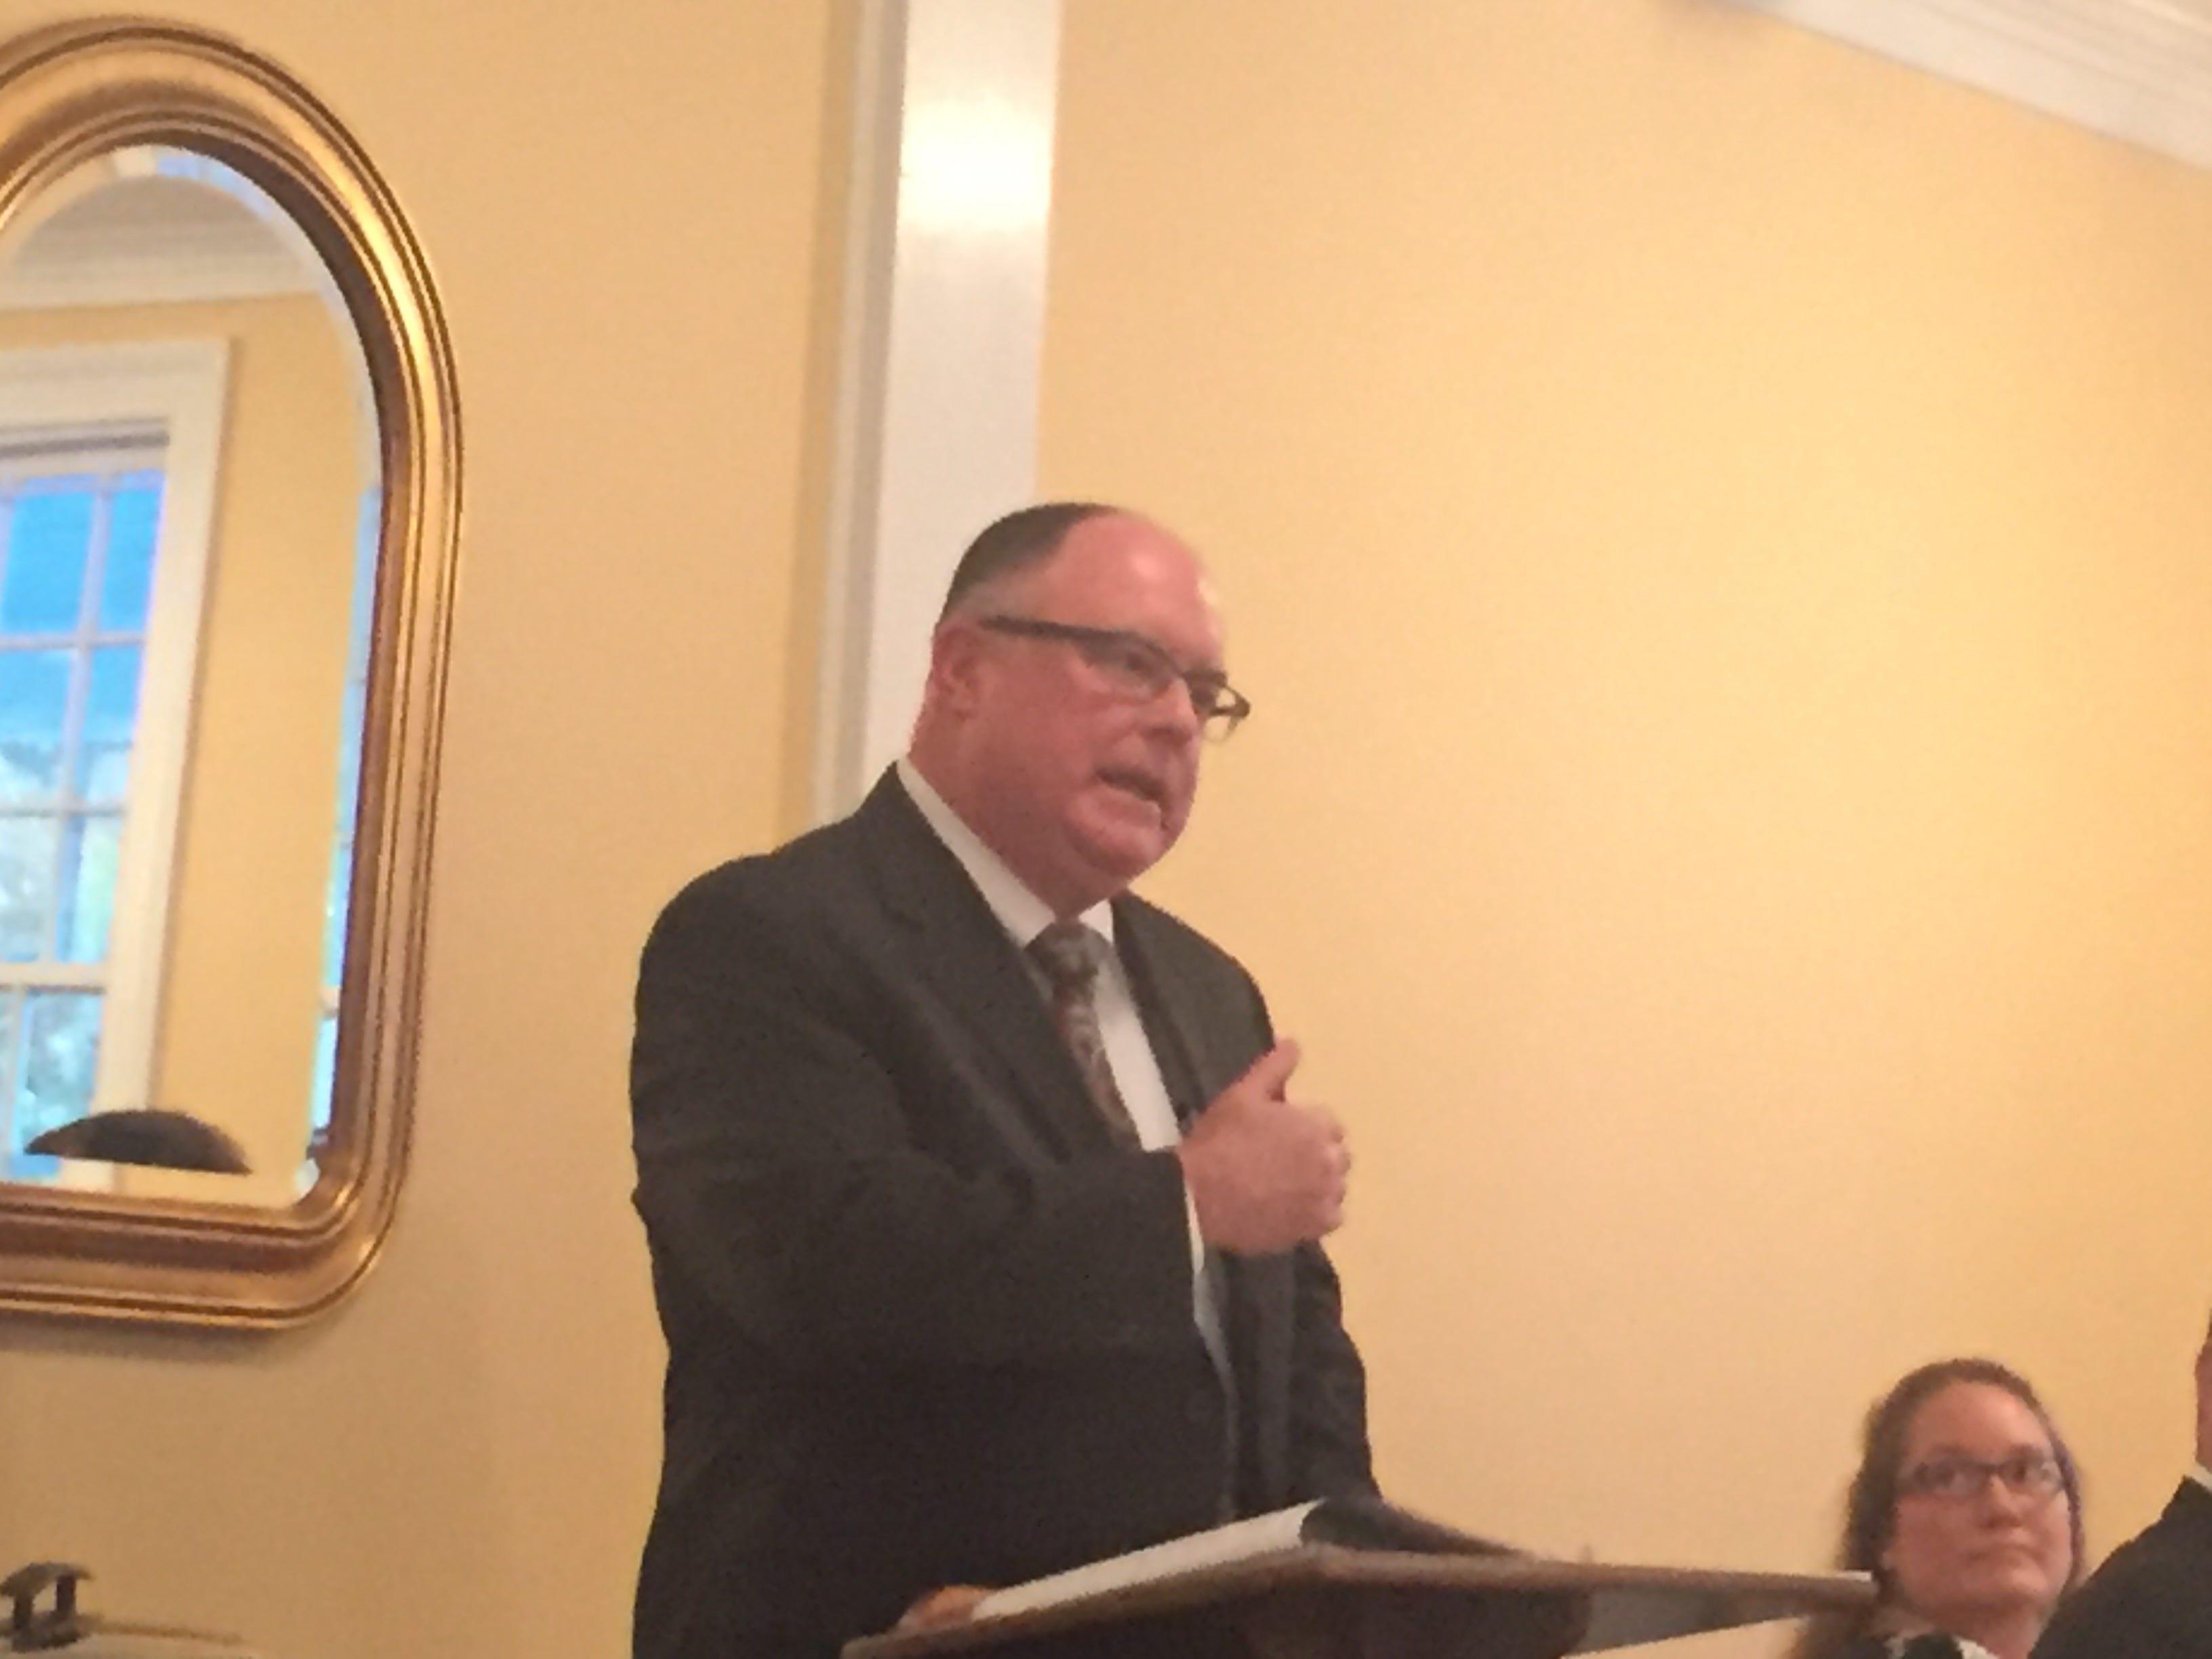 Leonard C. Heath Jr., President of the Virginia State Bar, addresses the Eastern Shore Bar Association on Wednesday, Sept. 26, 2018 in Eastville, Virginia.